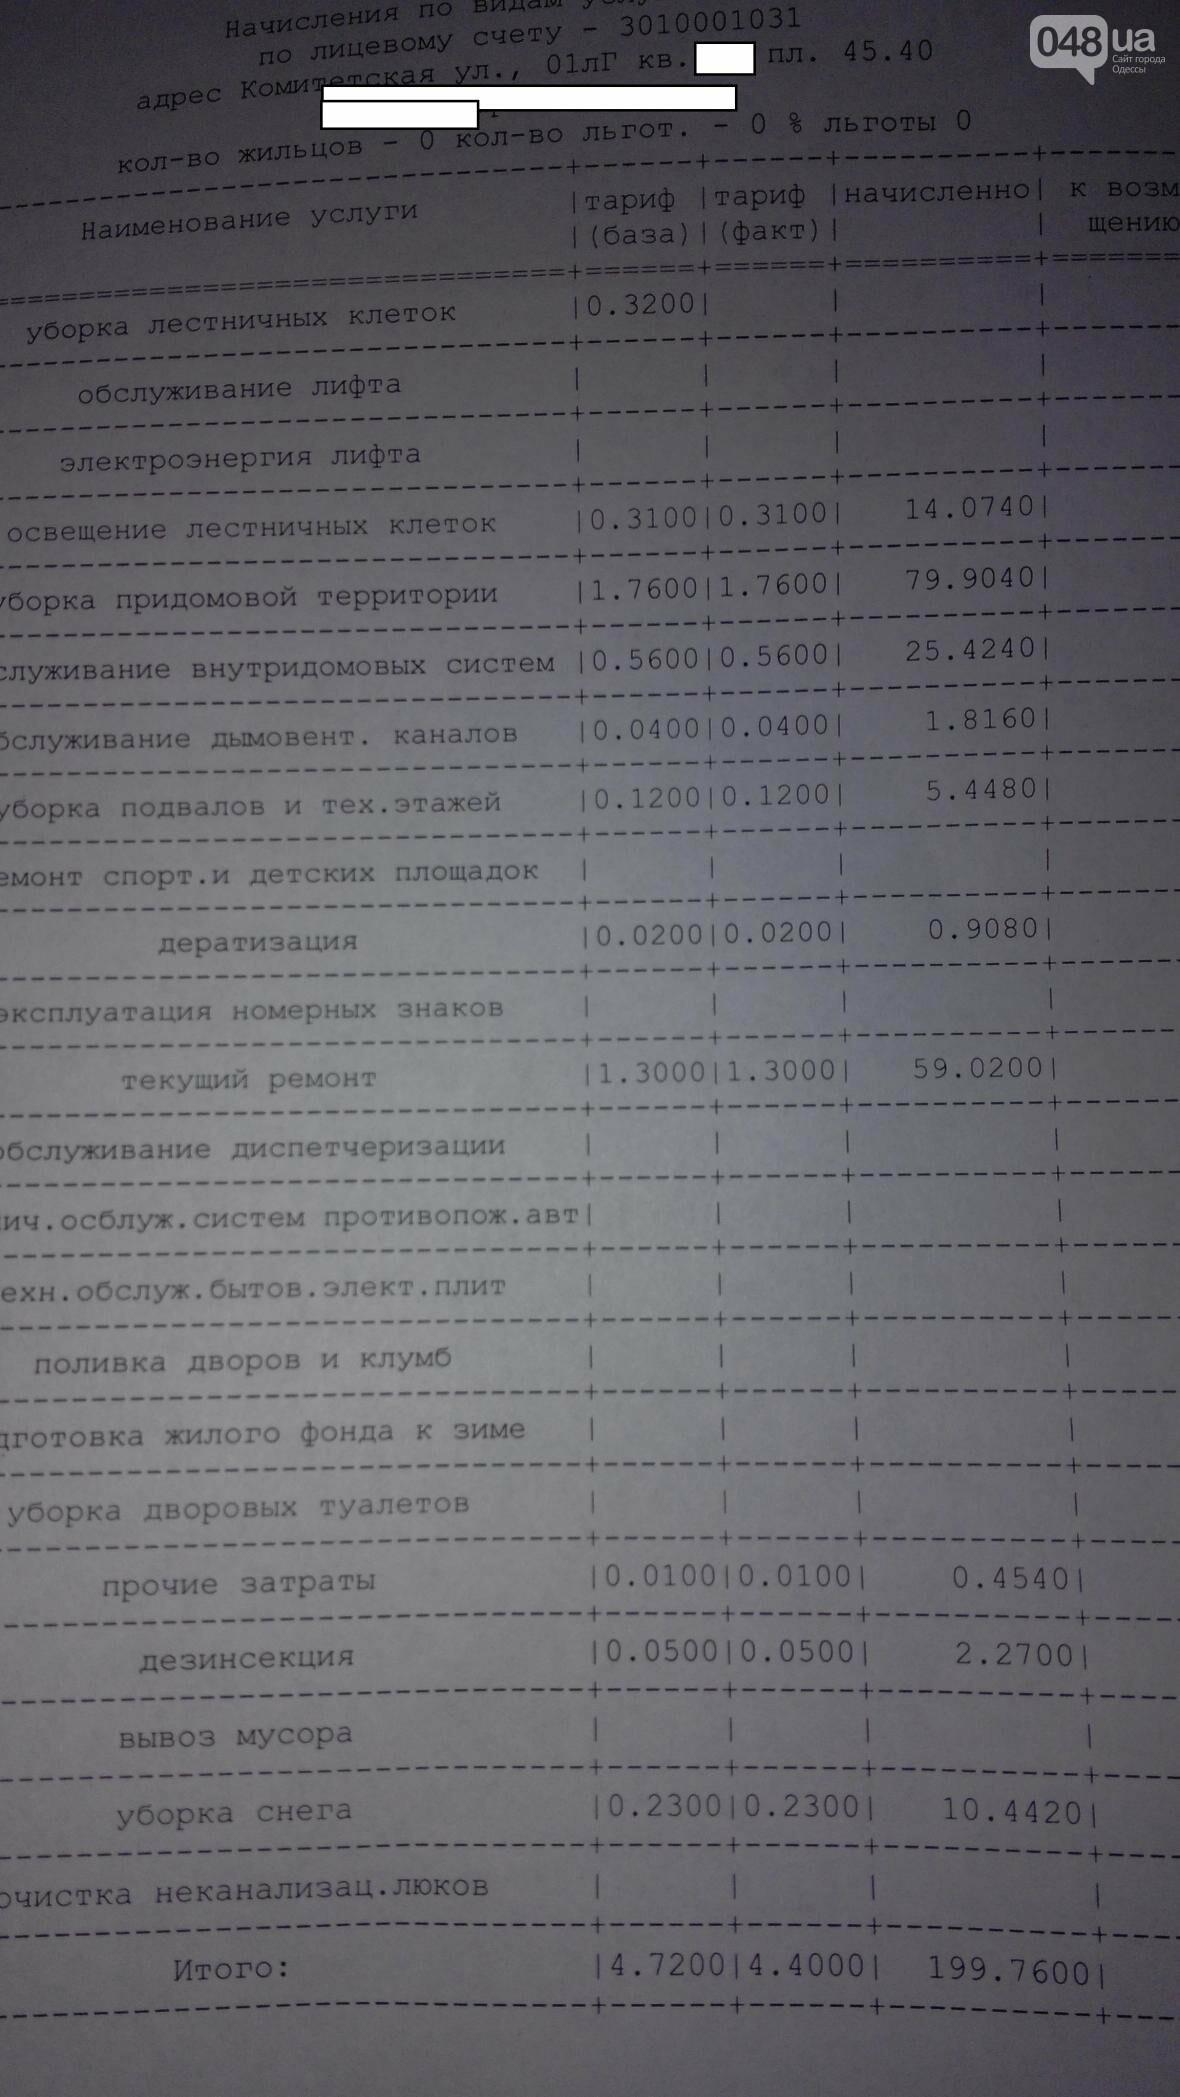 Одесситам стали начислять безумные тарифы за коммуналку (ФОТО), фото-1